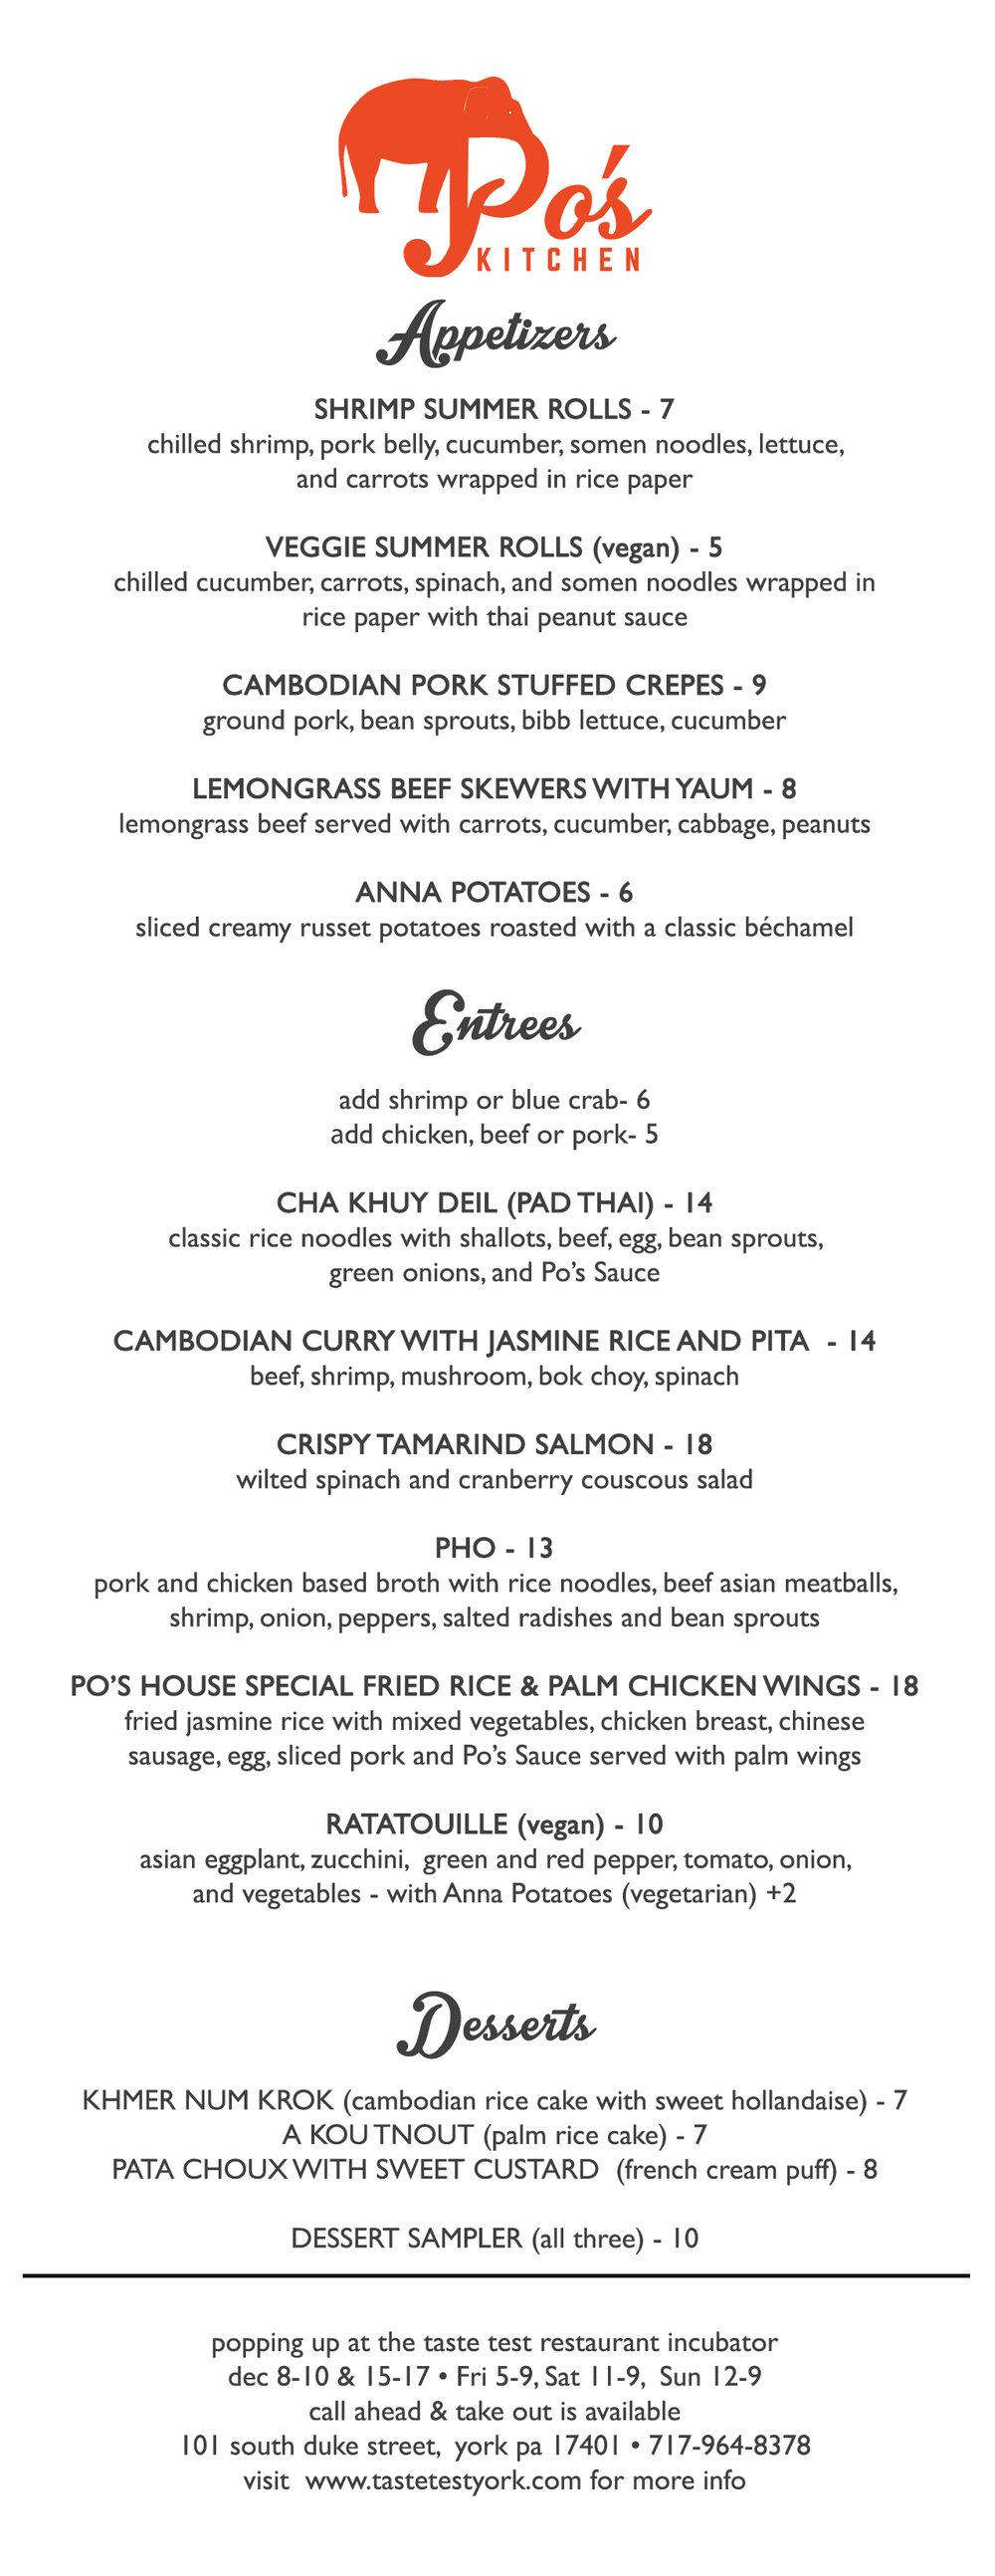 po's menu.jpg